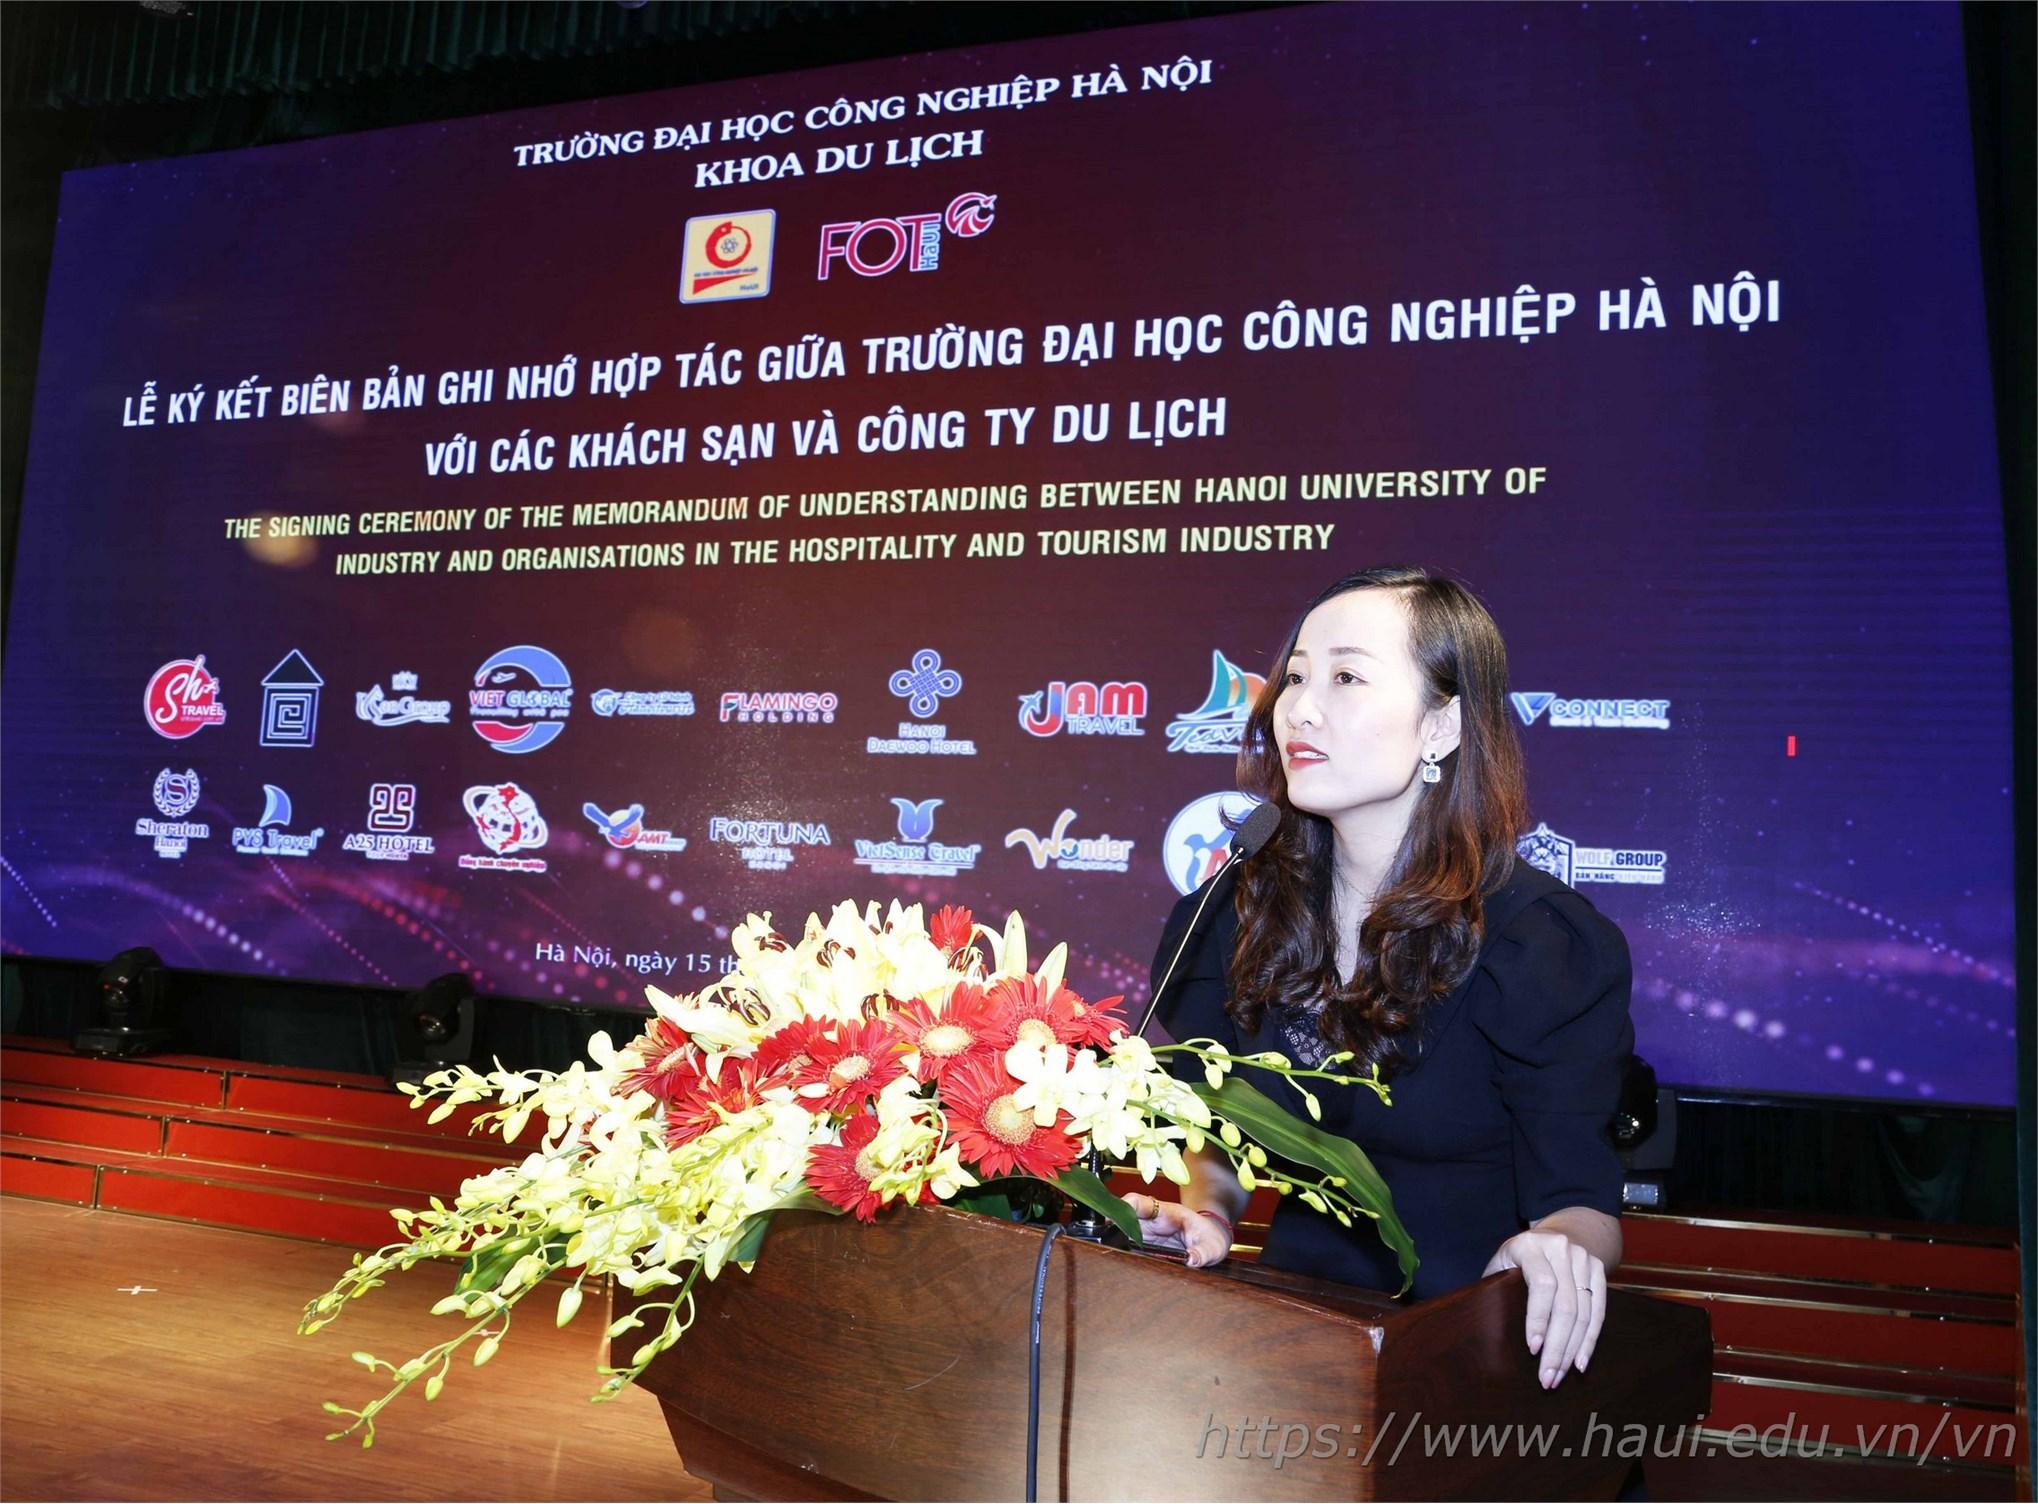 Bạn Ninh Thị Loan – Cựu sinh viên khoa Du lịch phát biểu tại Lễ kỷ niệm